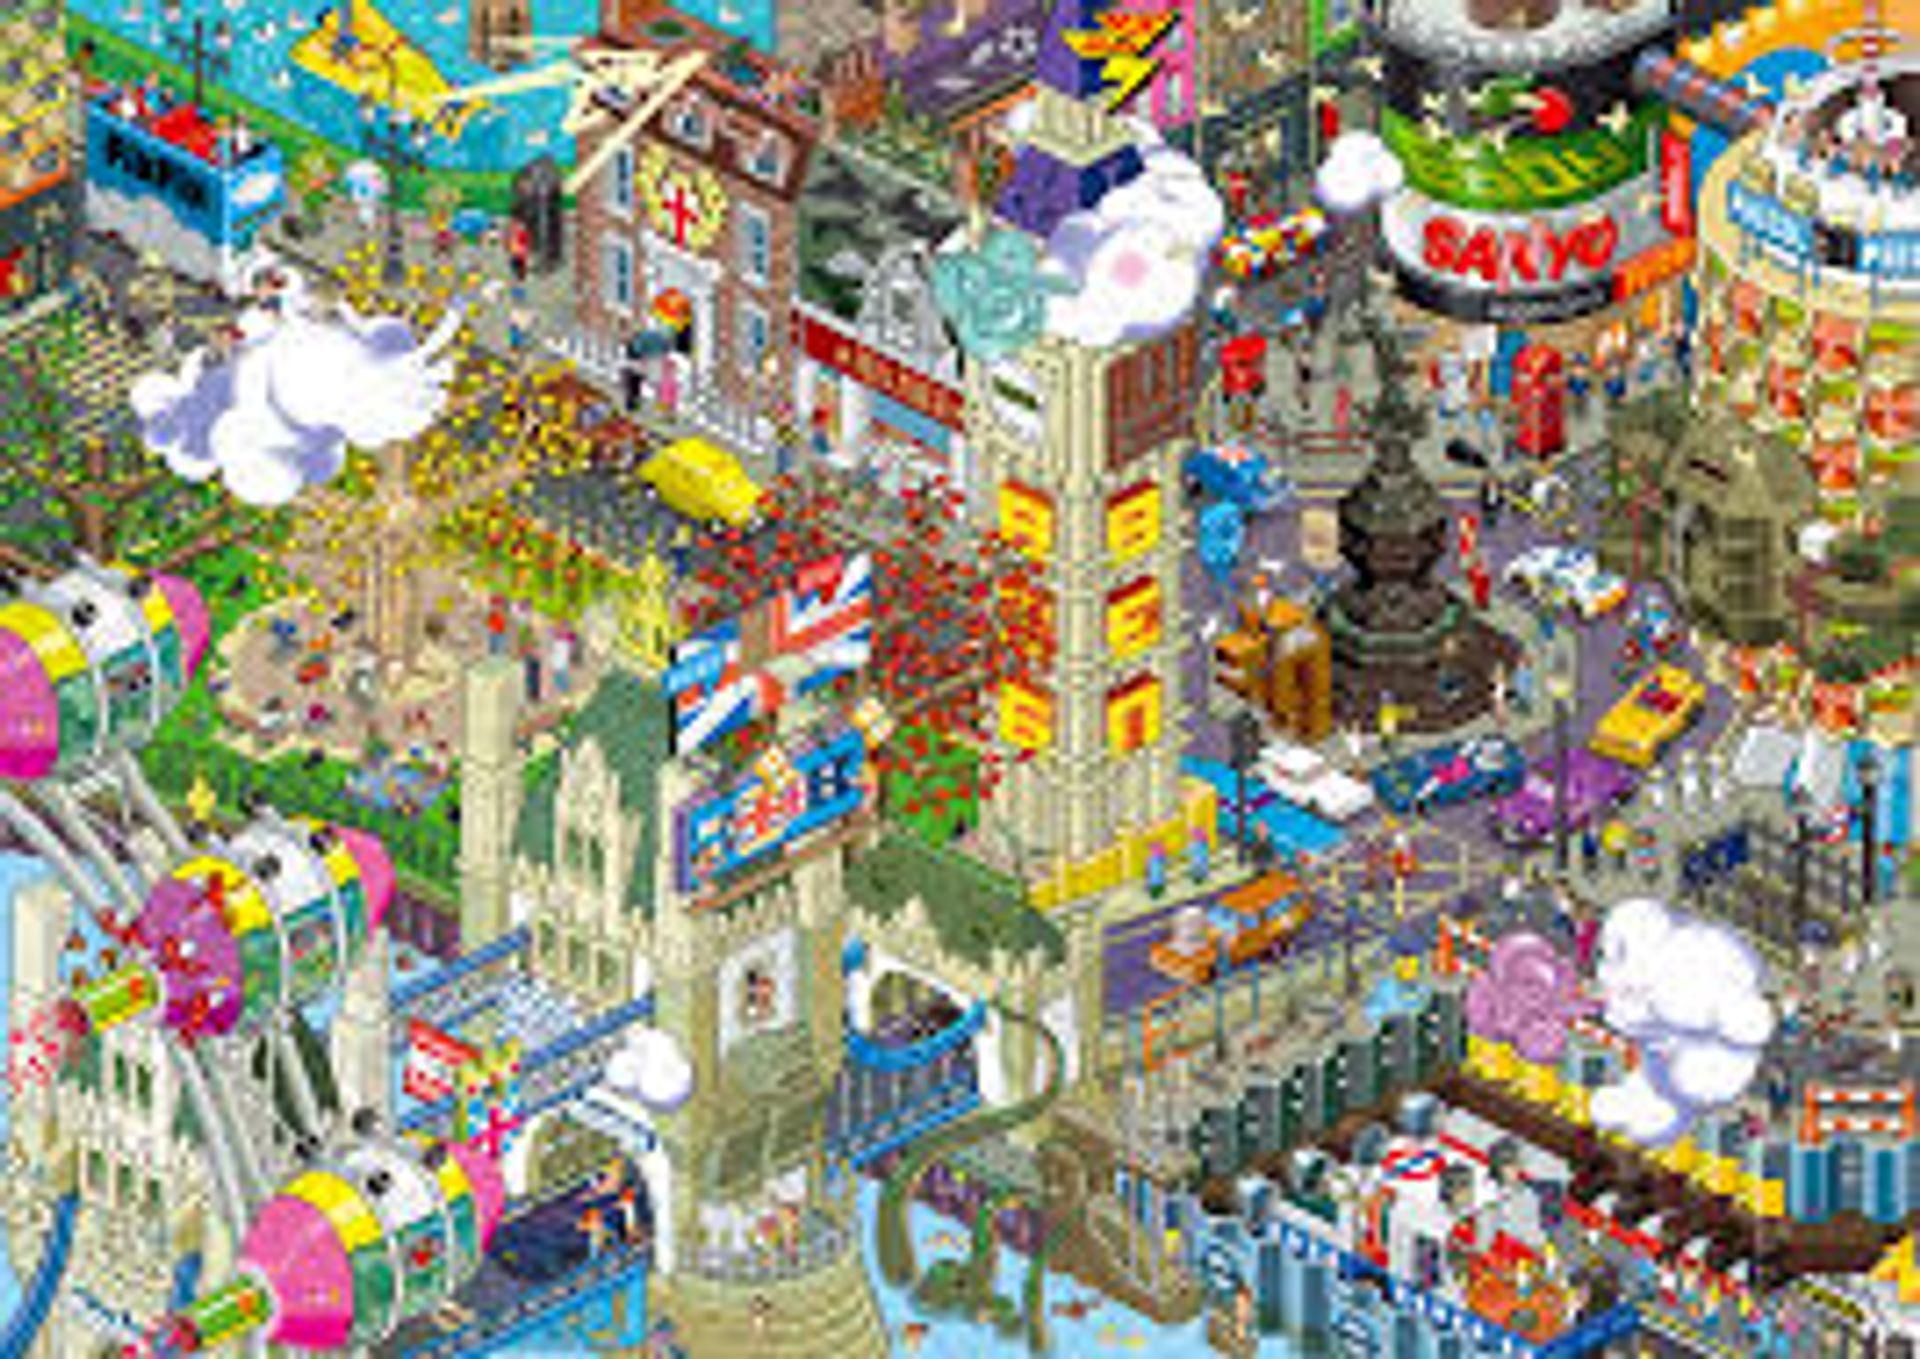 Hoe gaan festivals er dit jaar uitzien?